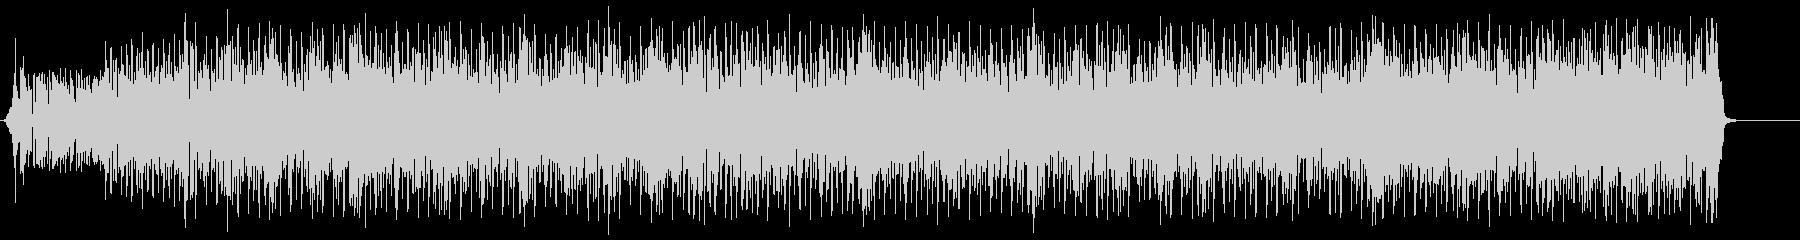 前向きでエネルギッシュなポップロックの未再生の波形